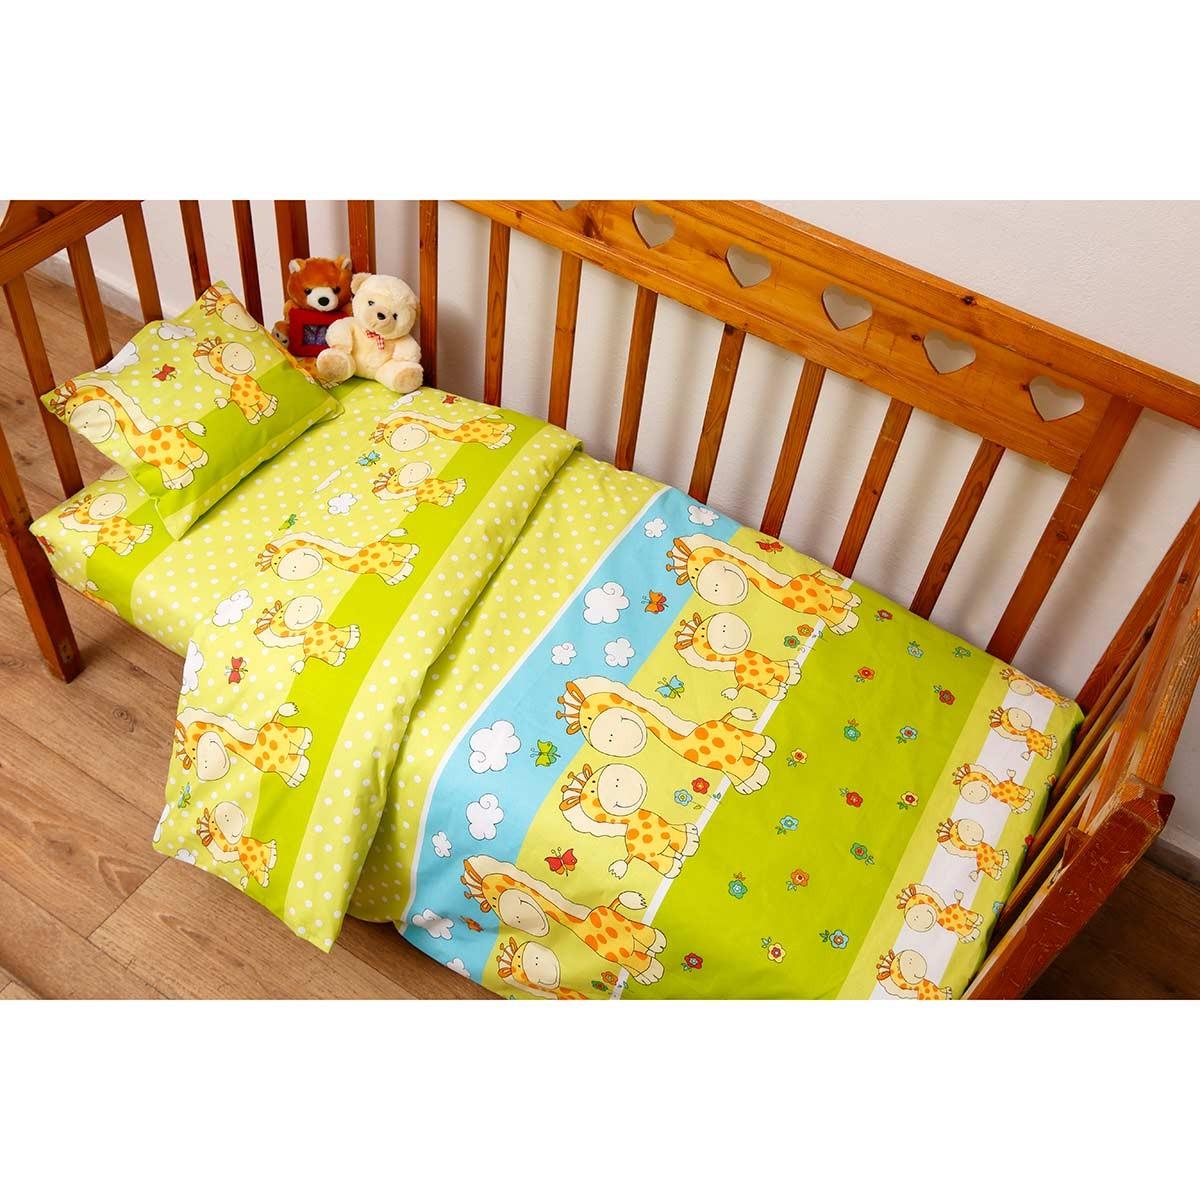 Πάπλωμα Κούνιας (Σετ) Viopros Baby Cotton Ραφαέλ